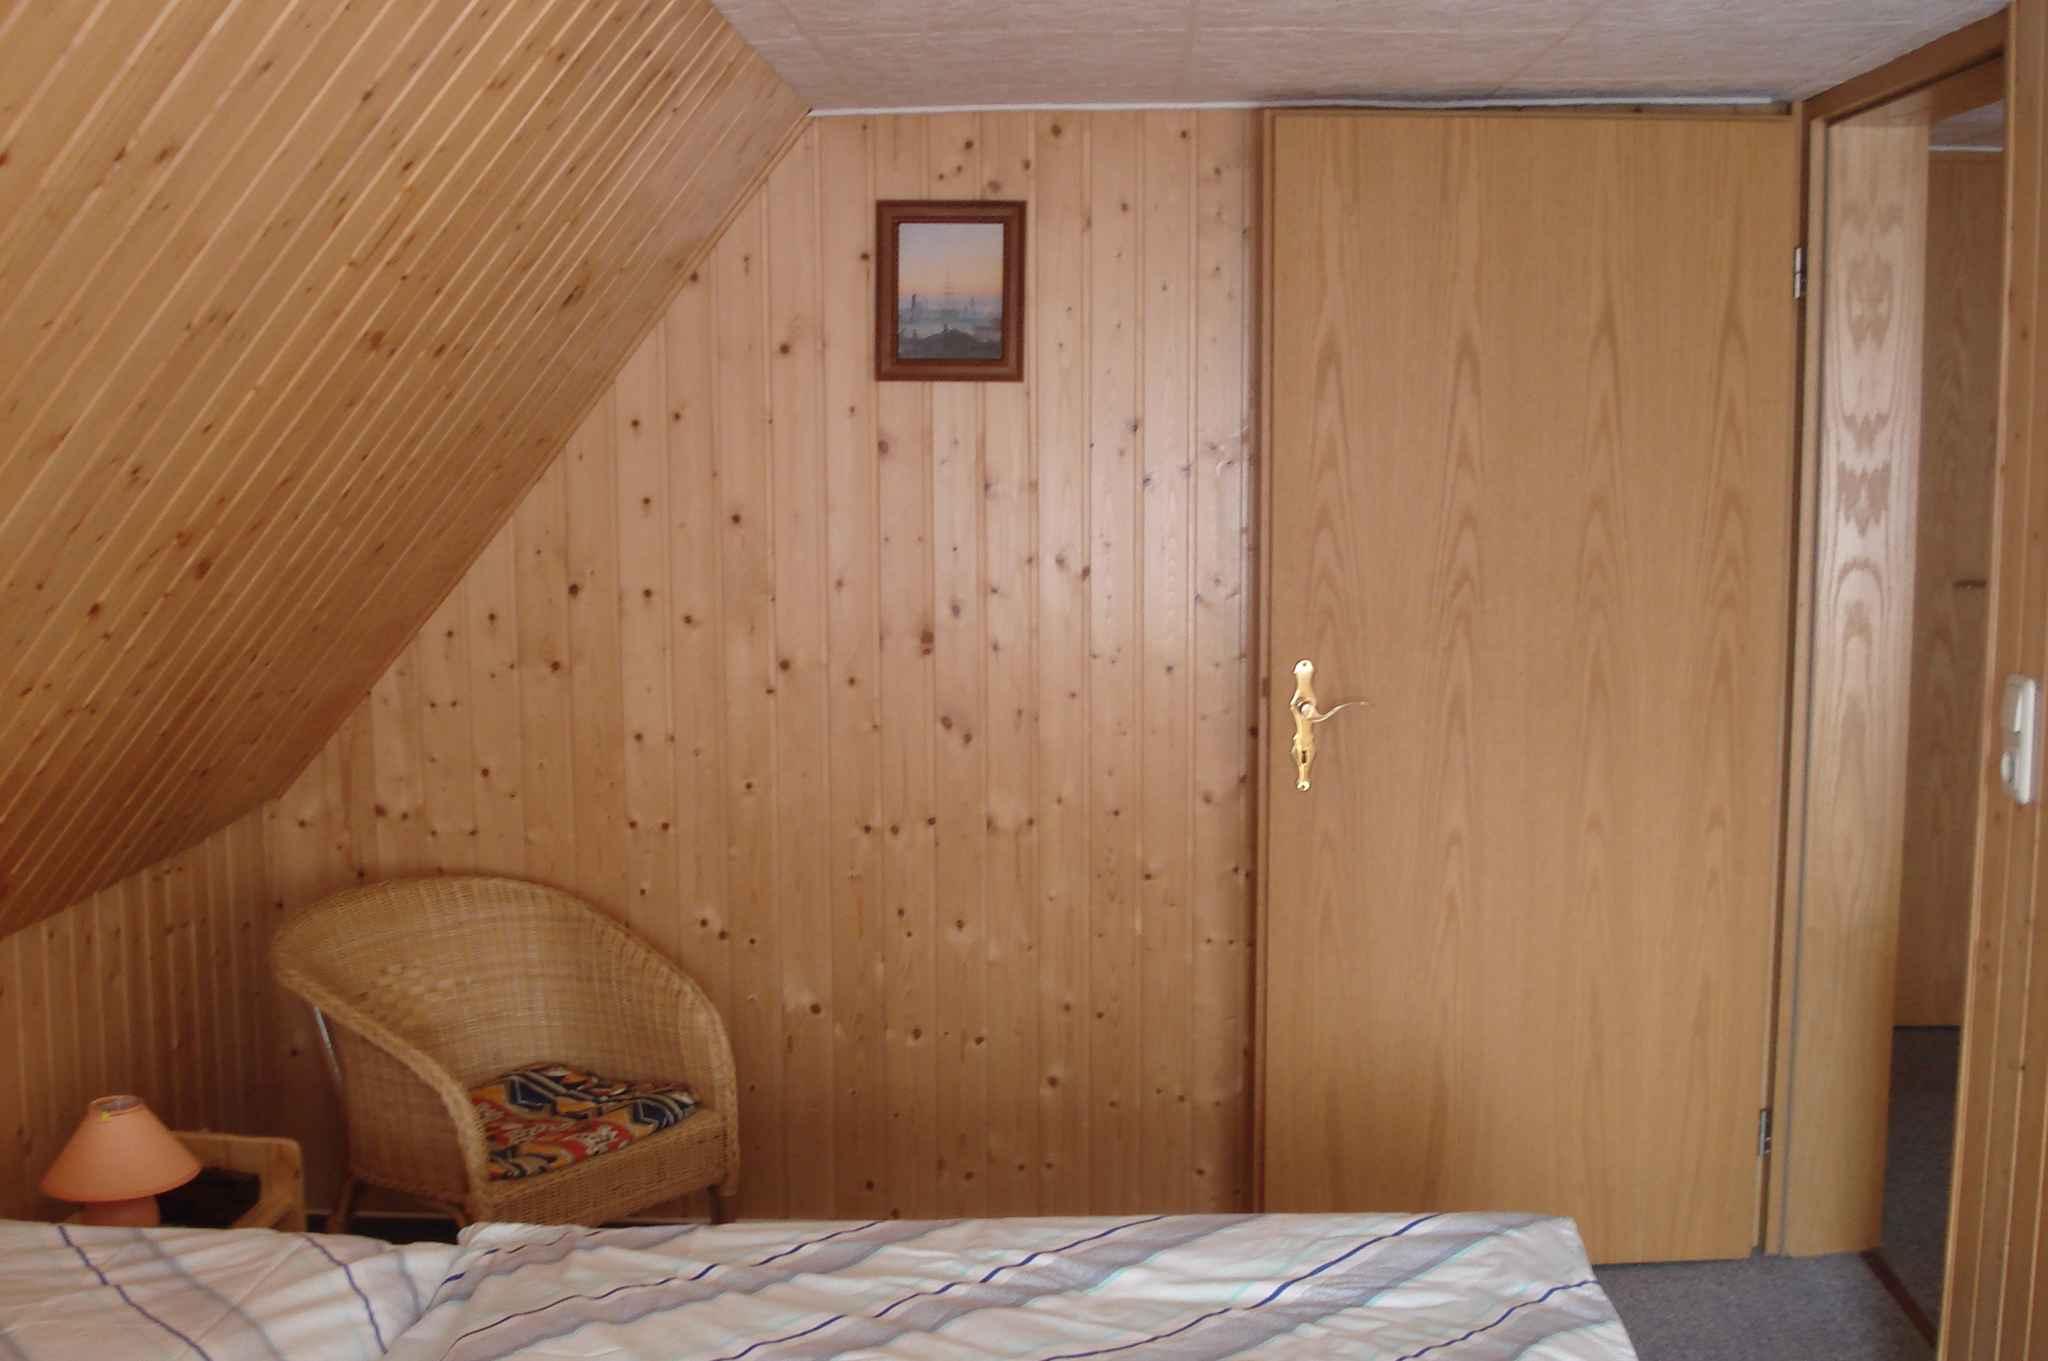 Holiday apartment unter Schilfdach, nur 100 m zum Ostseestrand (315119), Neuendorf, Hiddensee, Mecklenburg-Western Pomerania, Germany, picture 8